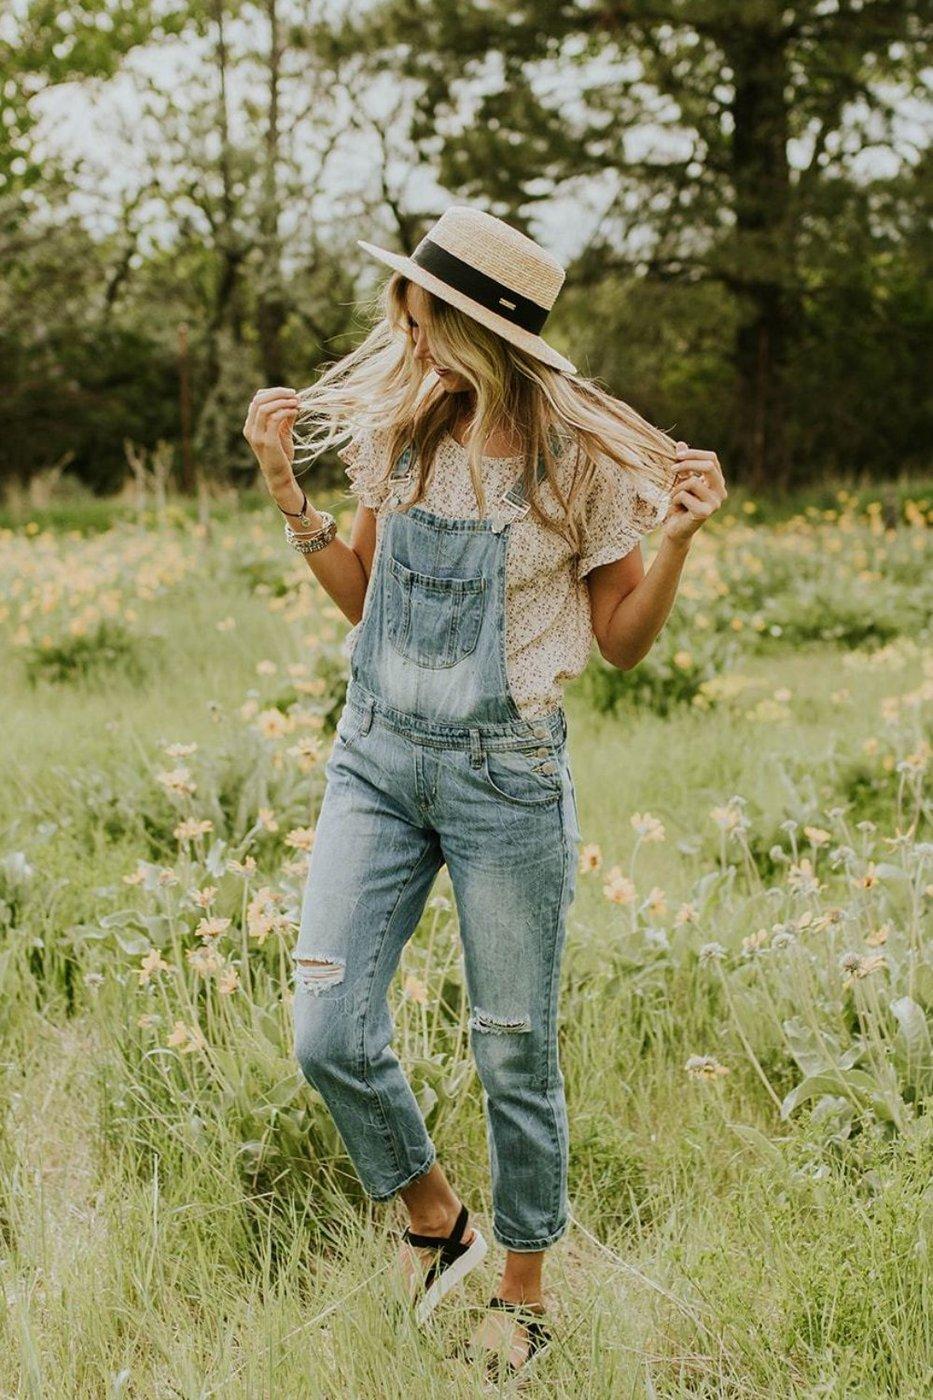 Летние джинсовые комбинезоны 2019 фото 10